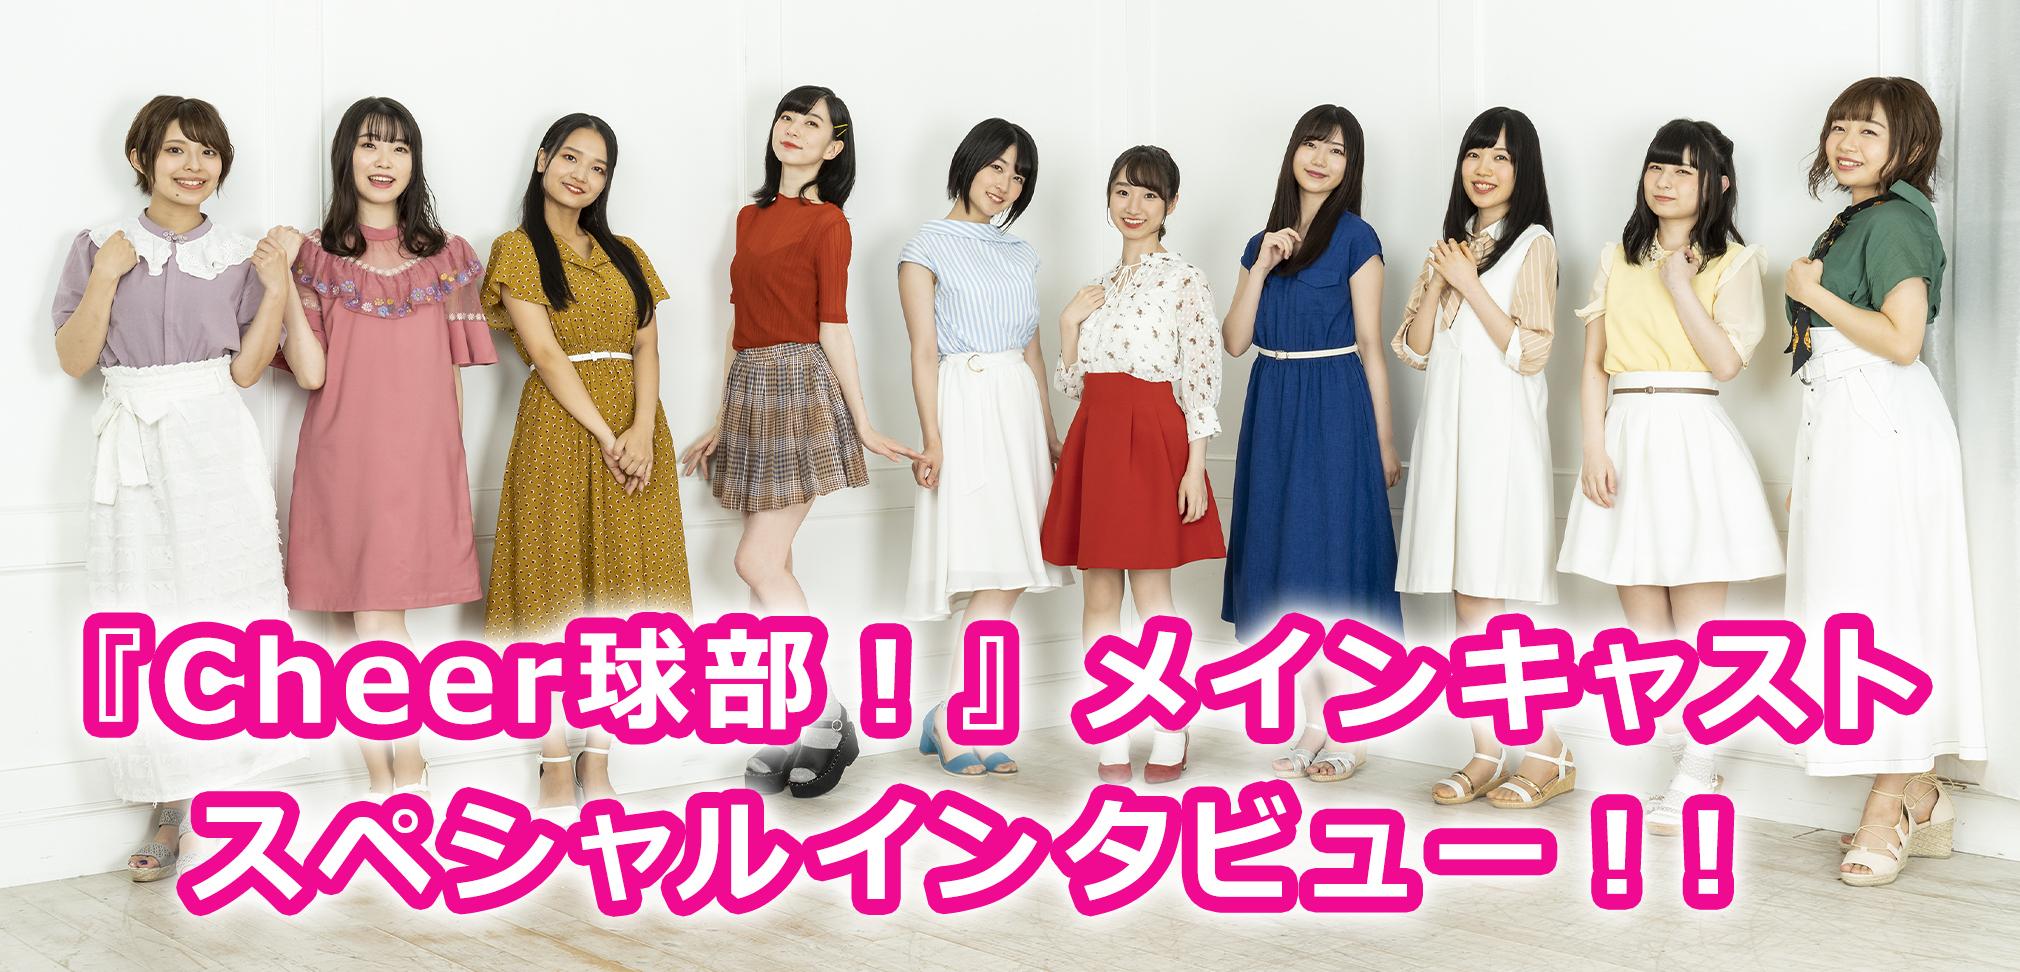 『Cheer球部!』メインキャスト<br>スペシャルインタビュー!!